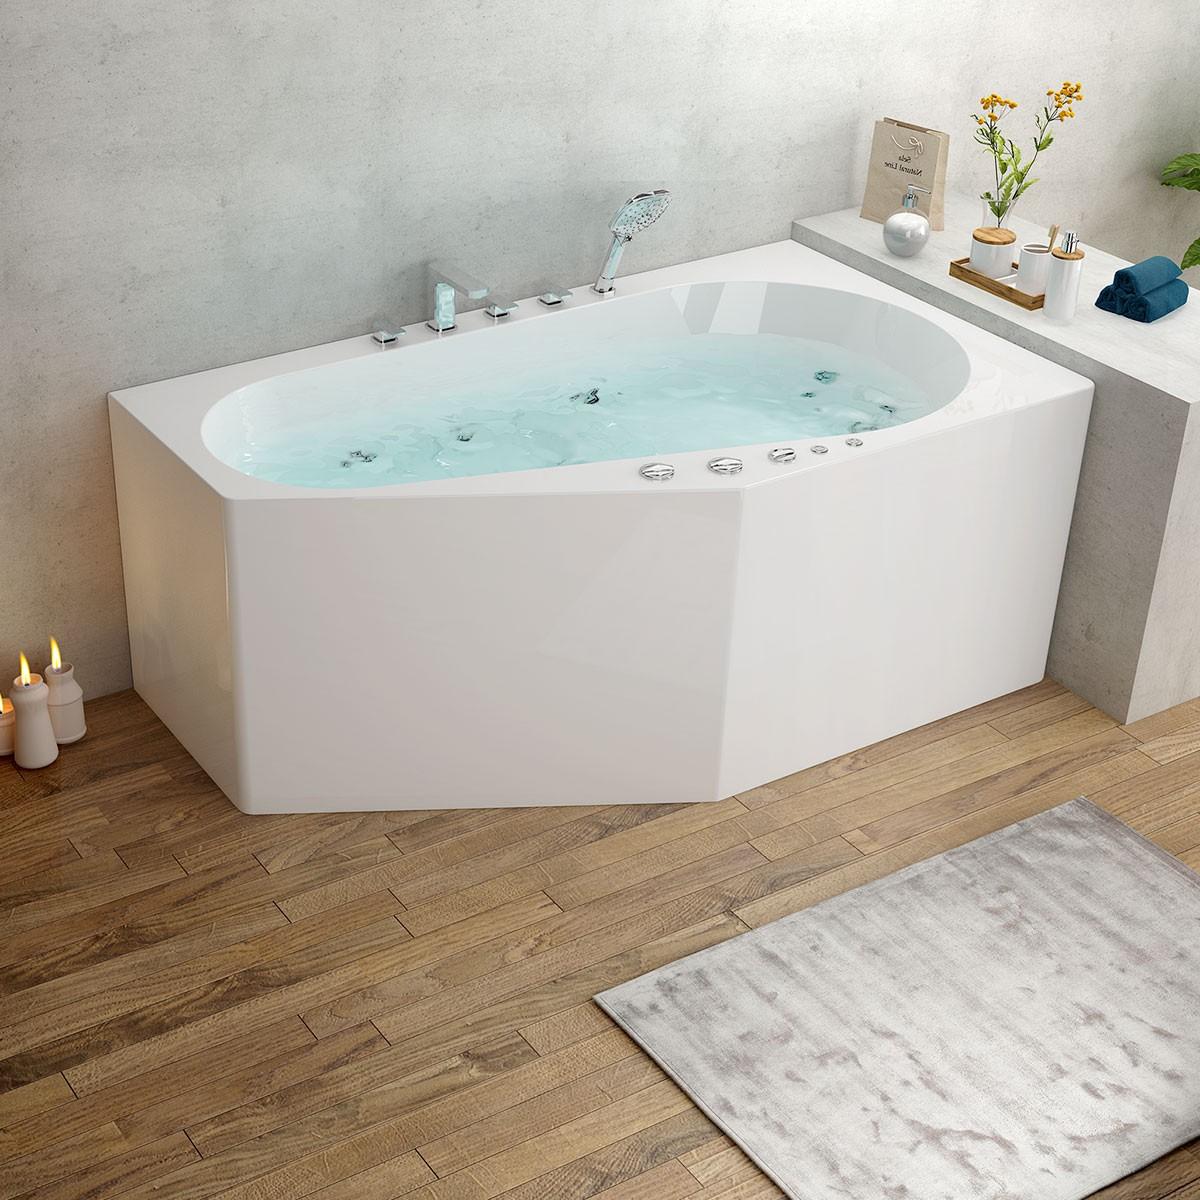 59 In Whirlpool Bathtub - Acrylic White (DK-M13585L-B)